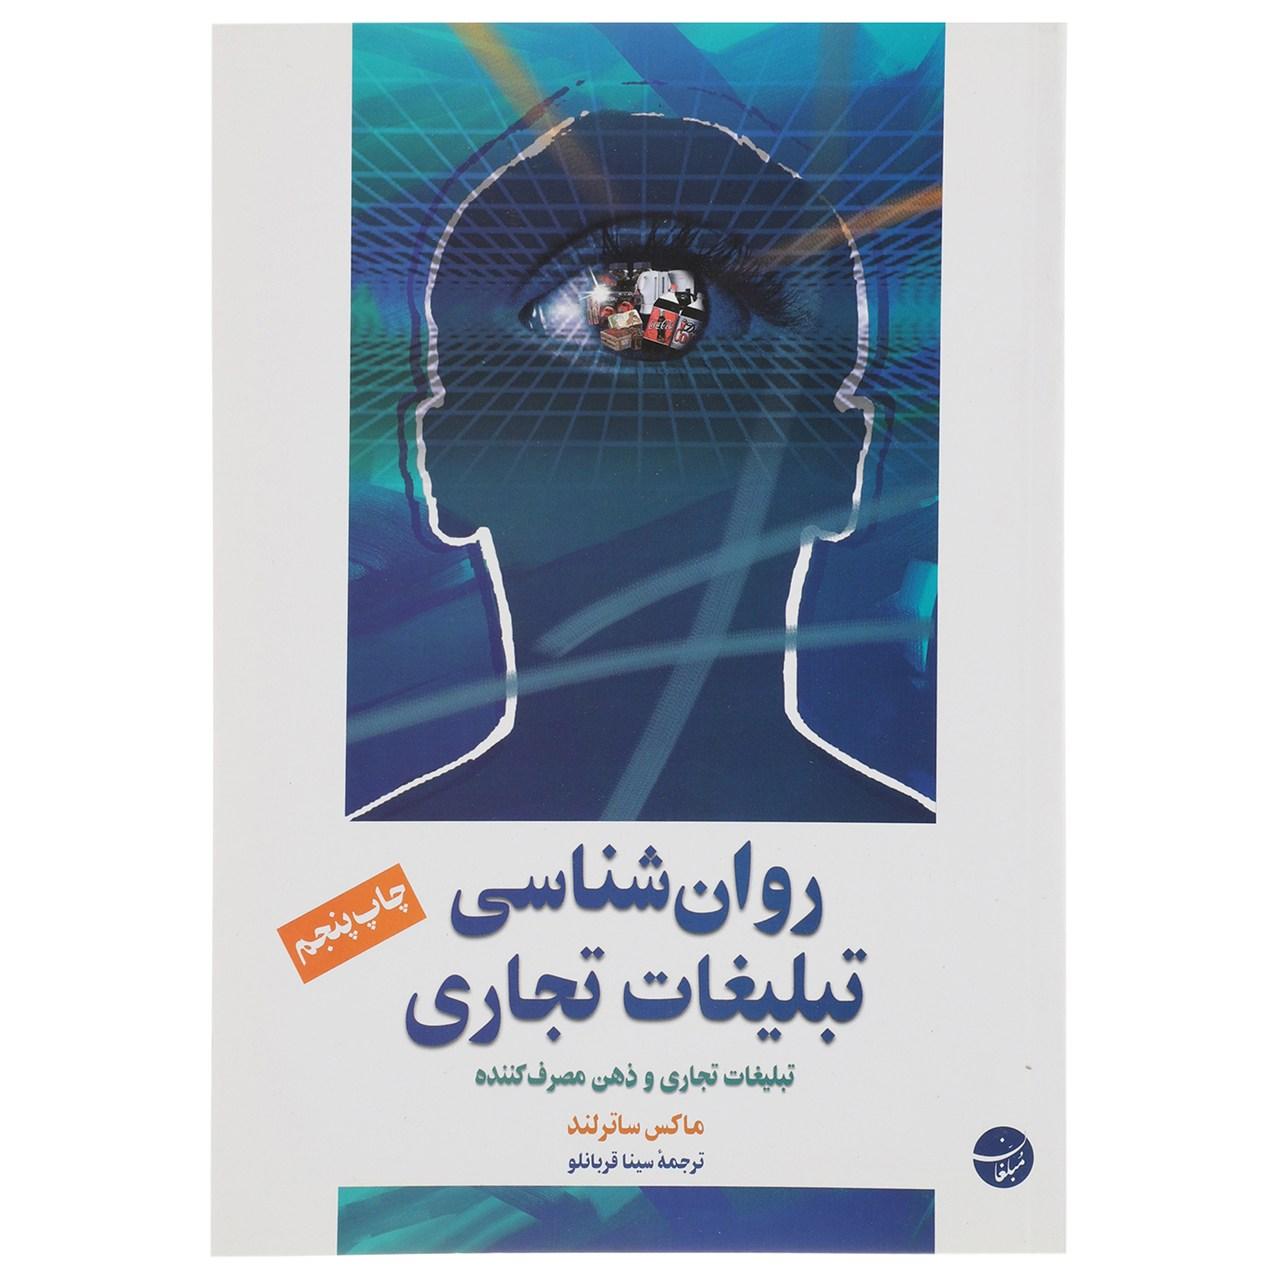 کتاب روانشناسی تبلیغات تجاری اثر ماکس ساترلند